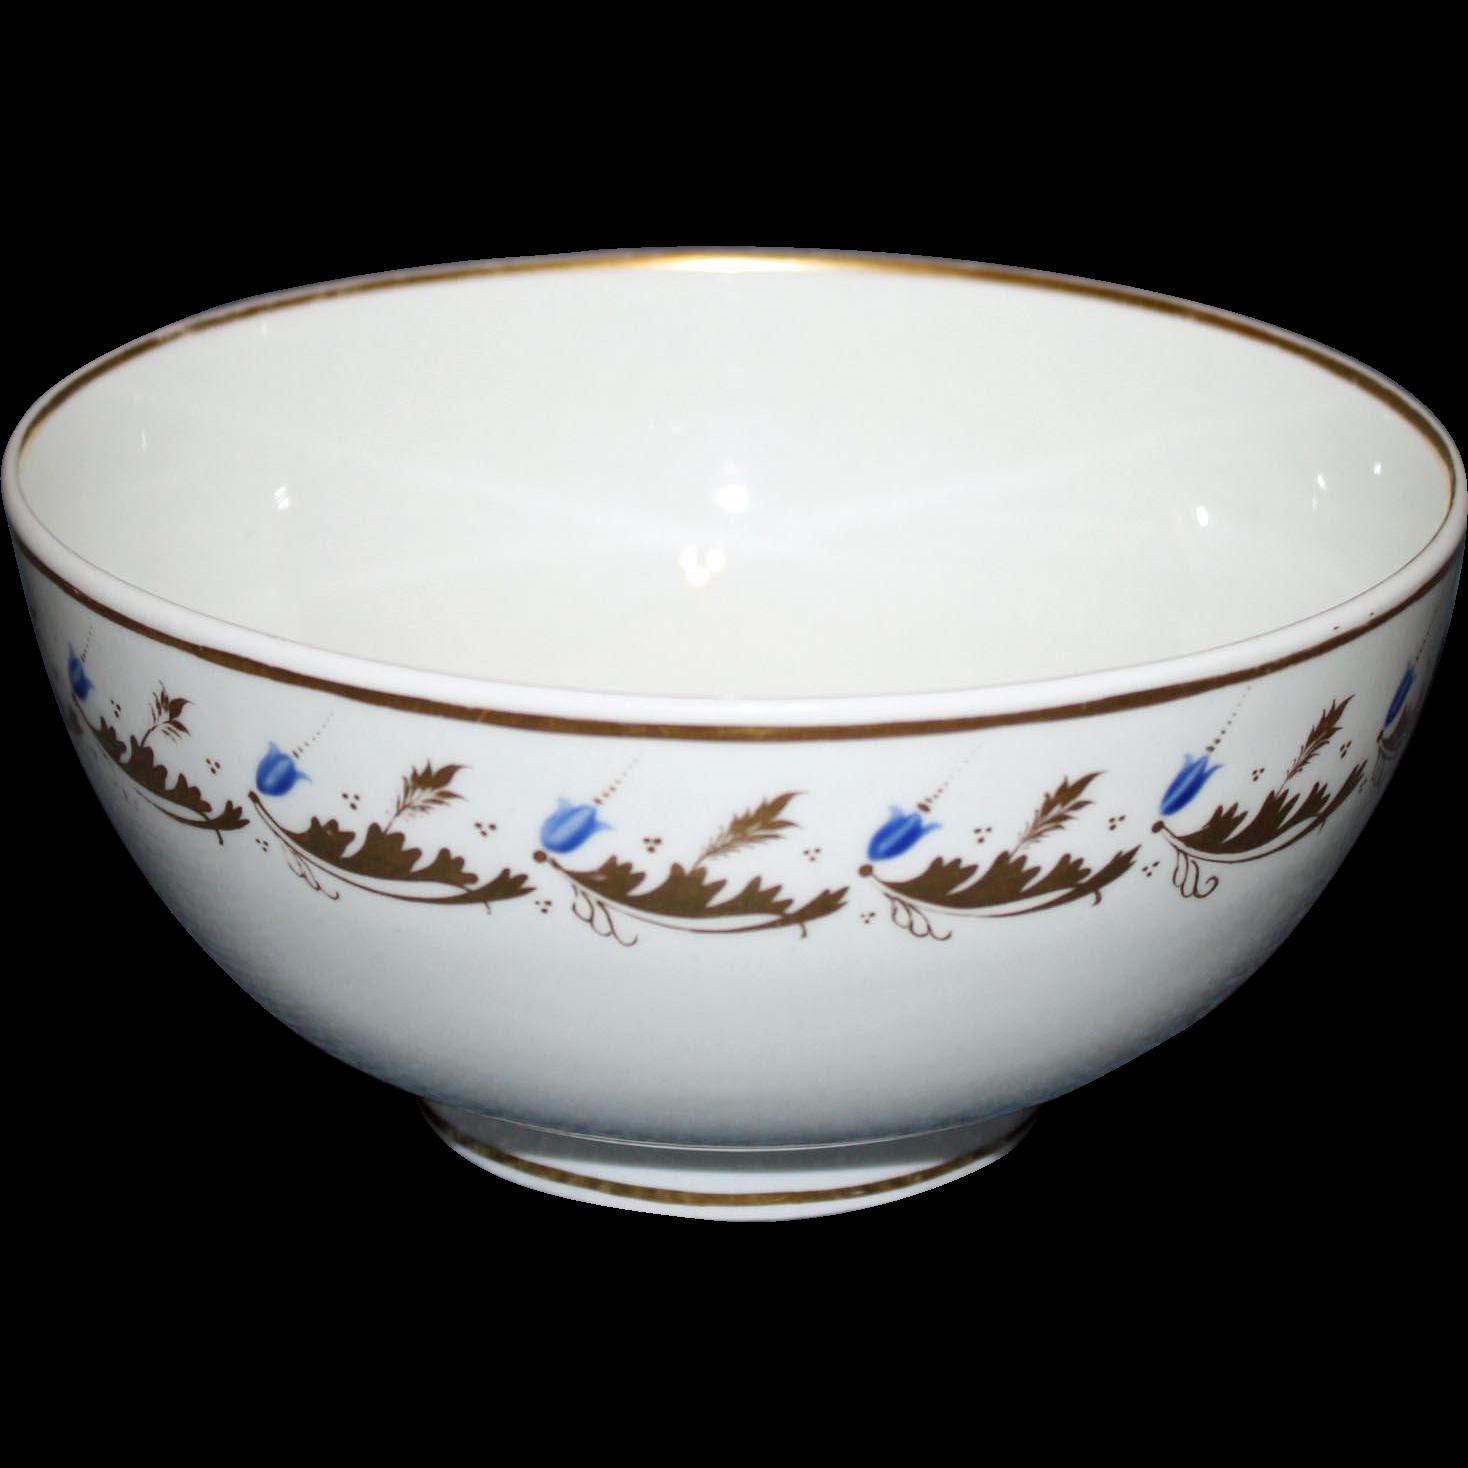 c. 1830 Bloor Derby Waste Bowl, Over- Glaze Gilding and Enamel